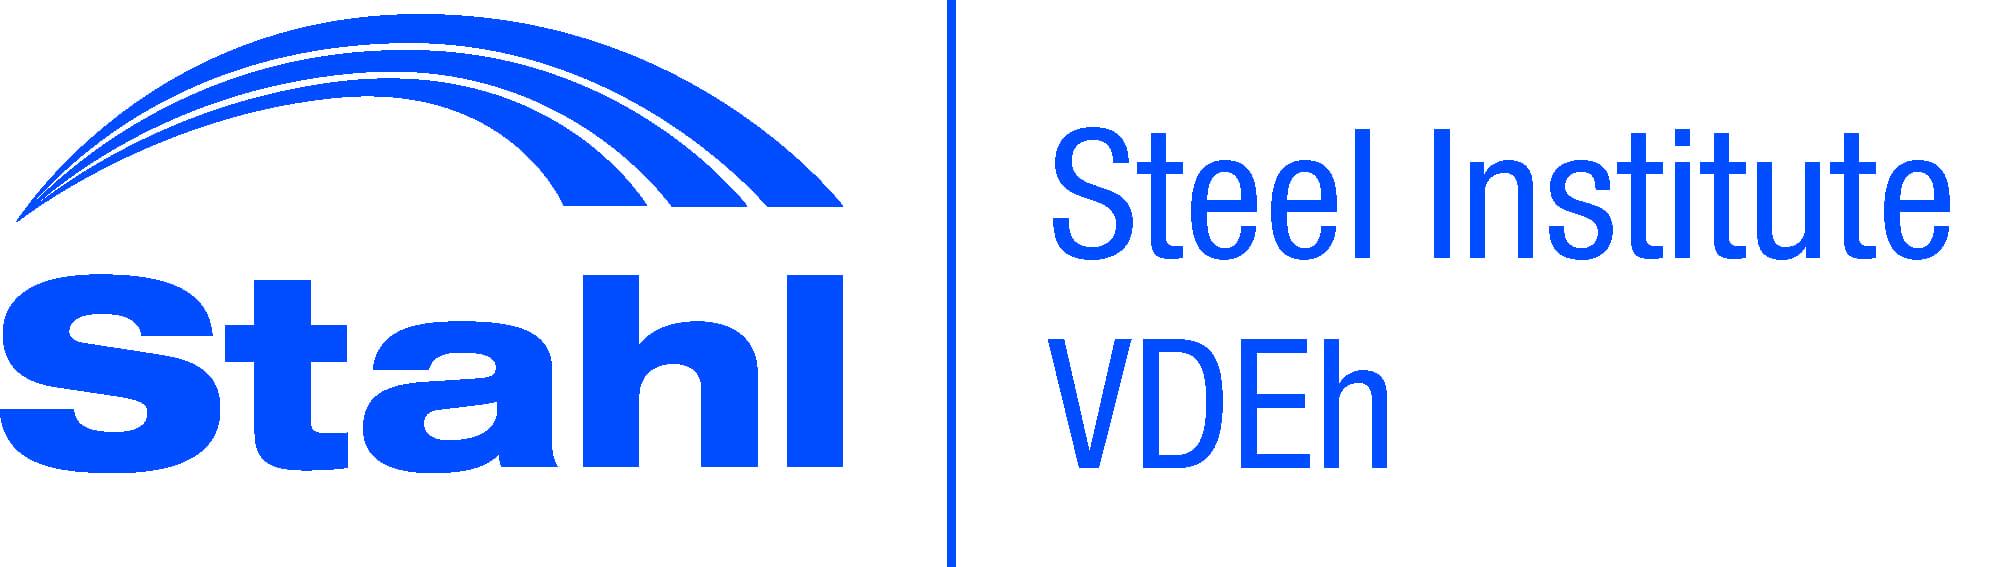 Stahlinstitut VDEh